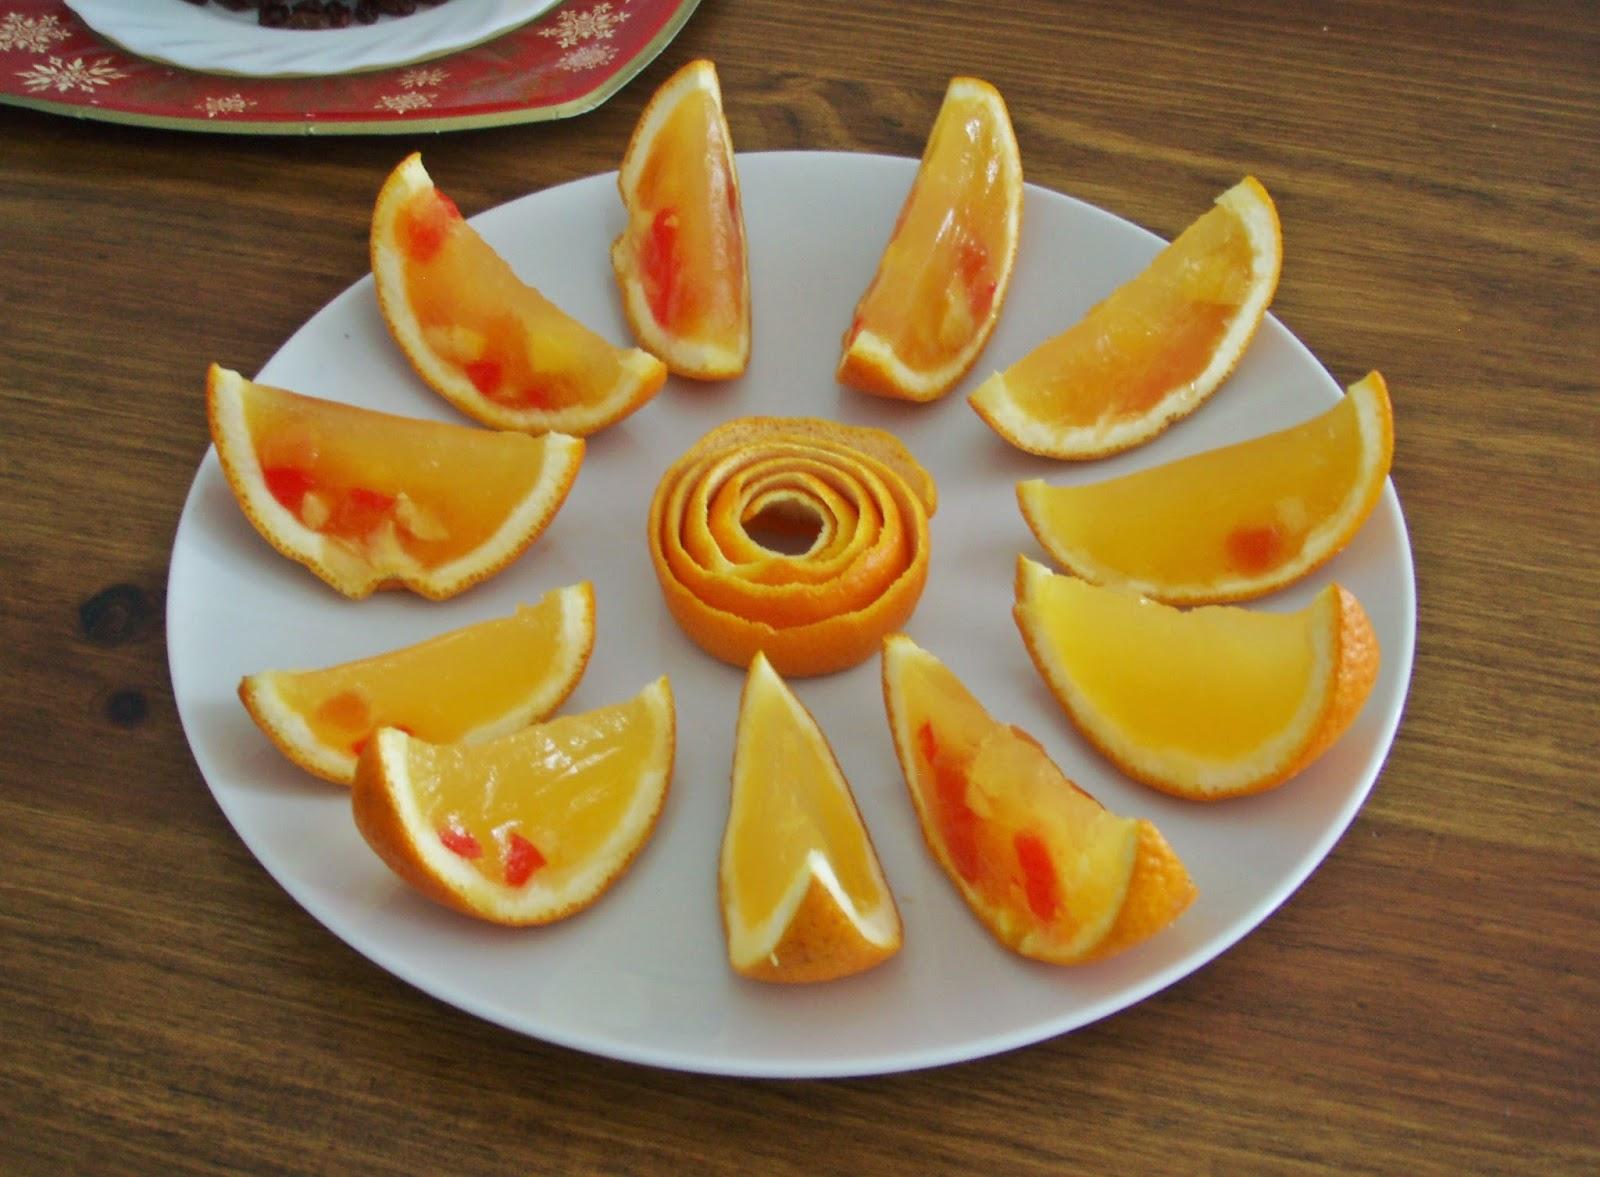 El tiempo entre cucharas naranja de gelatina - Cuchillos para decorar fruta ...